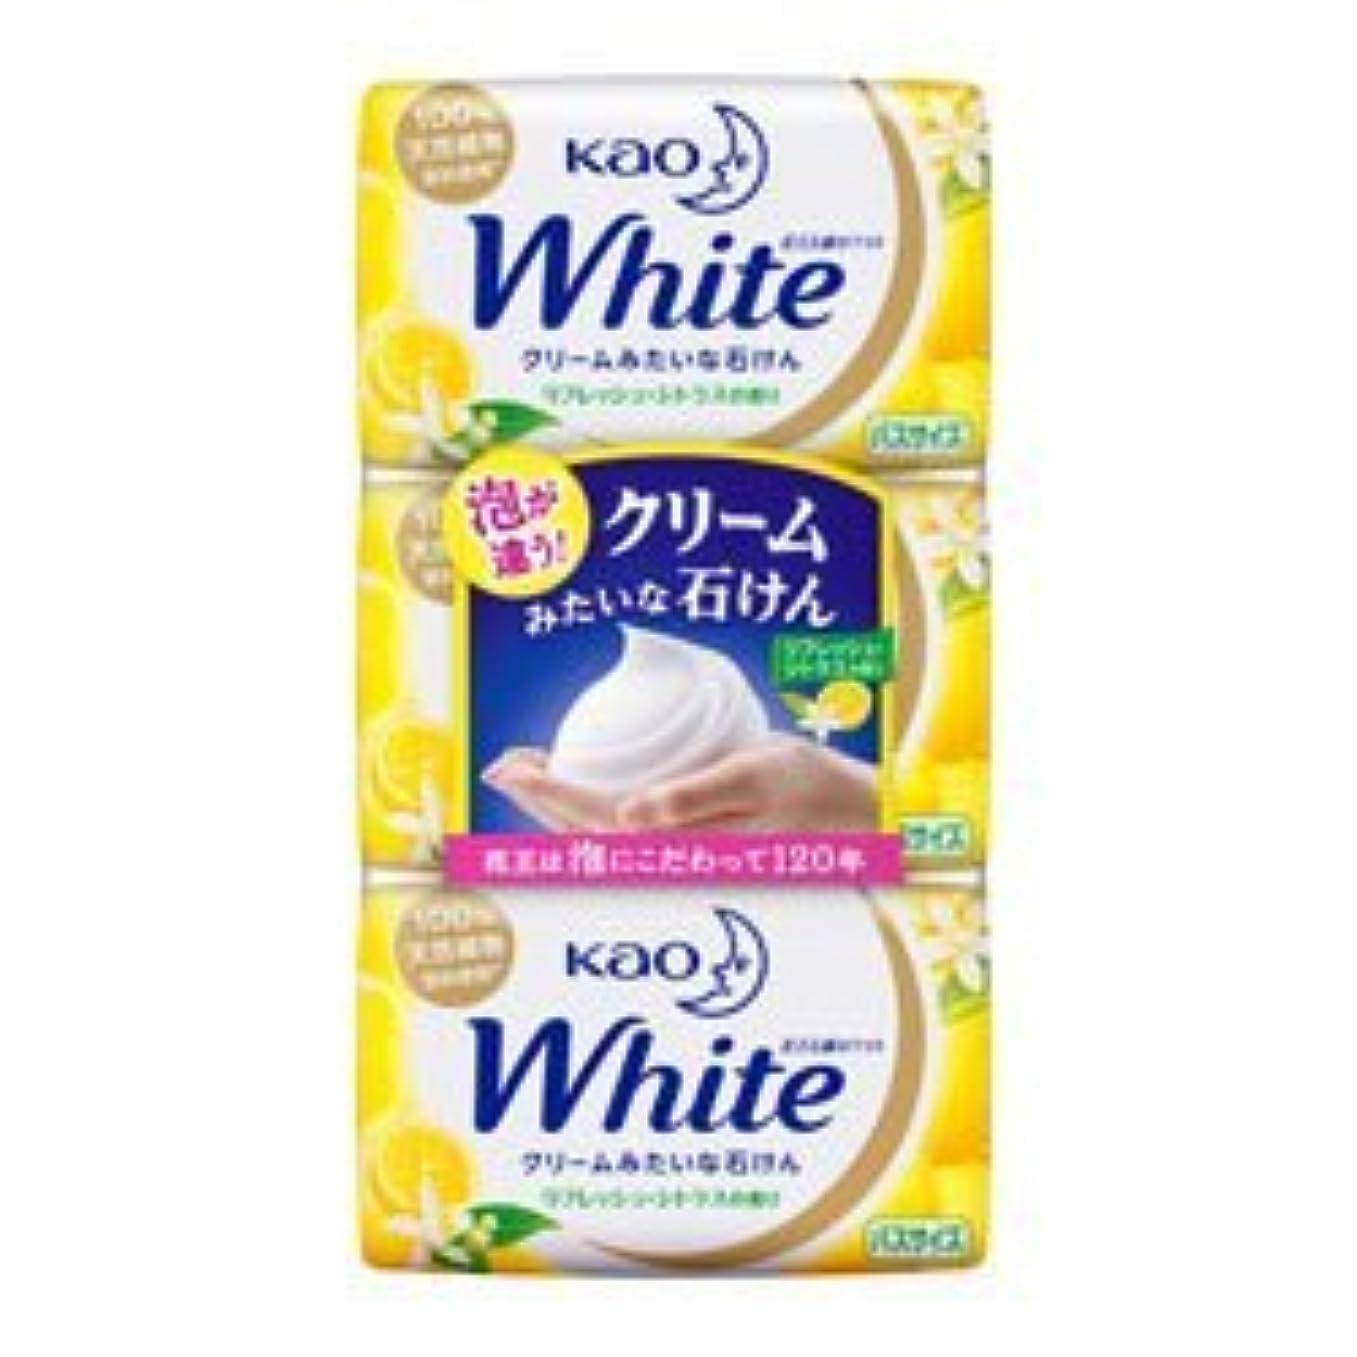 与えるミルク受信【花王】ホワイト リフレッシュ?シトラスの香り バスサイズ 130g×3個入 ×3個セット